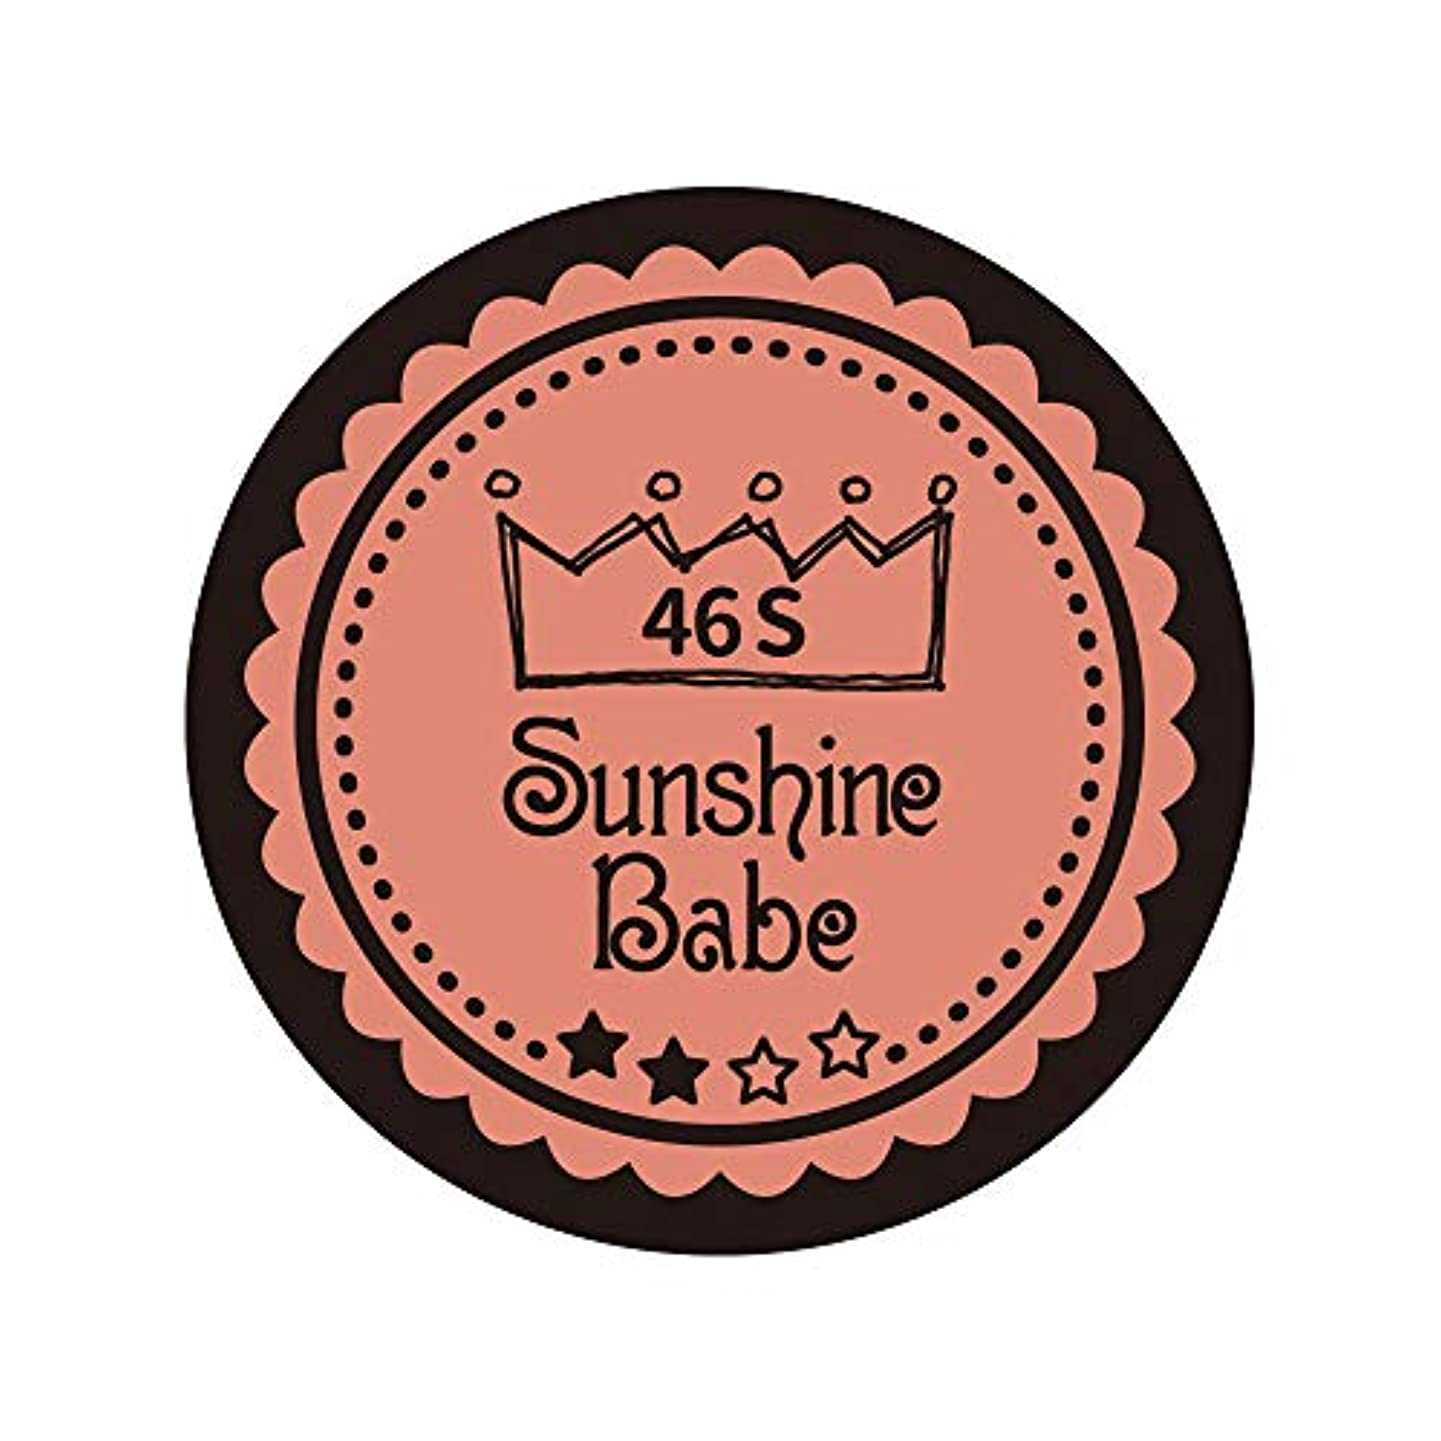 考古学パワー冗談でSunshine Babe カラージェル 46S ピンクベージュ 4g UV/LED対応